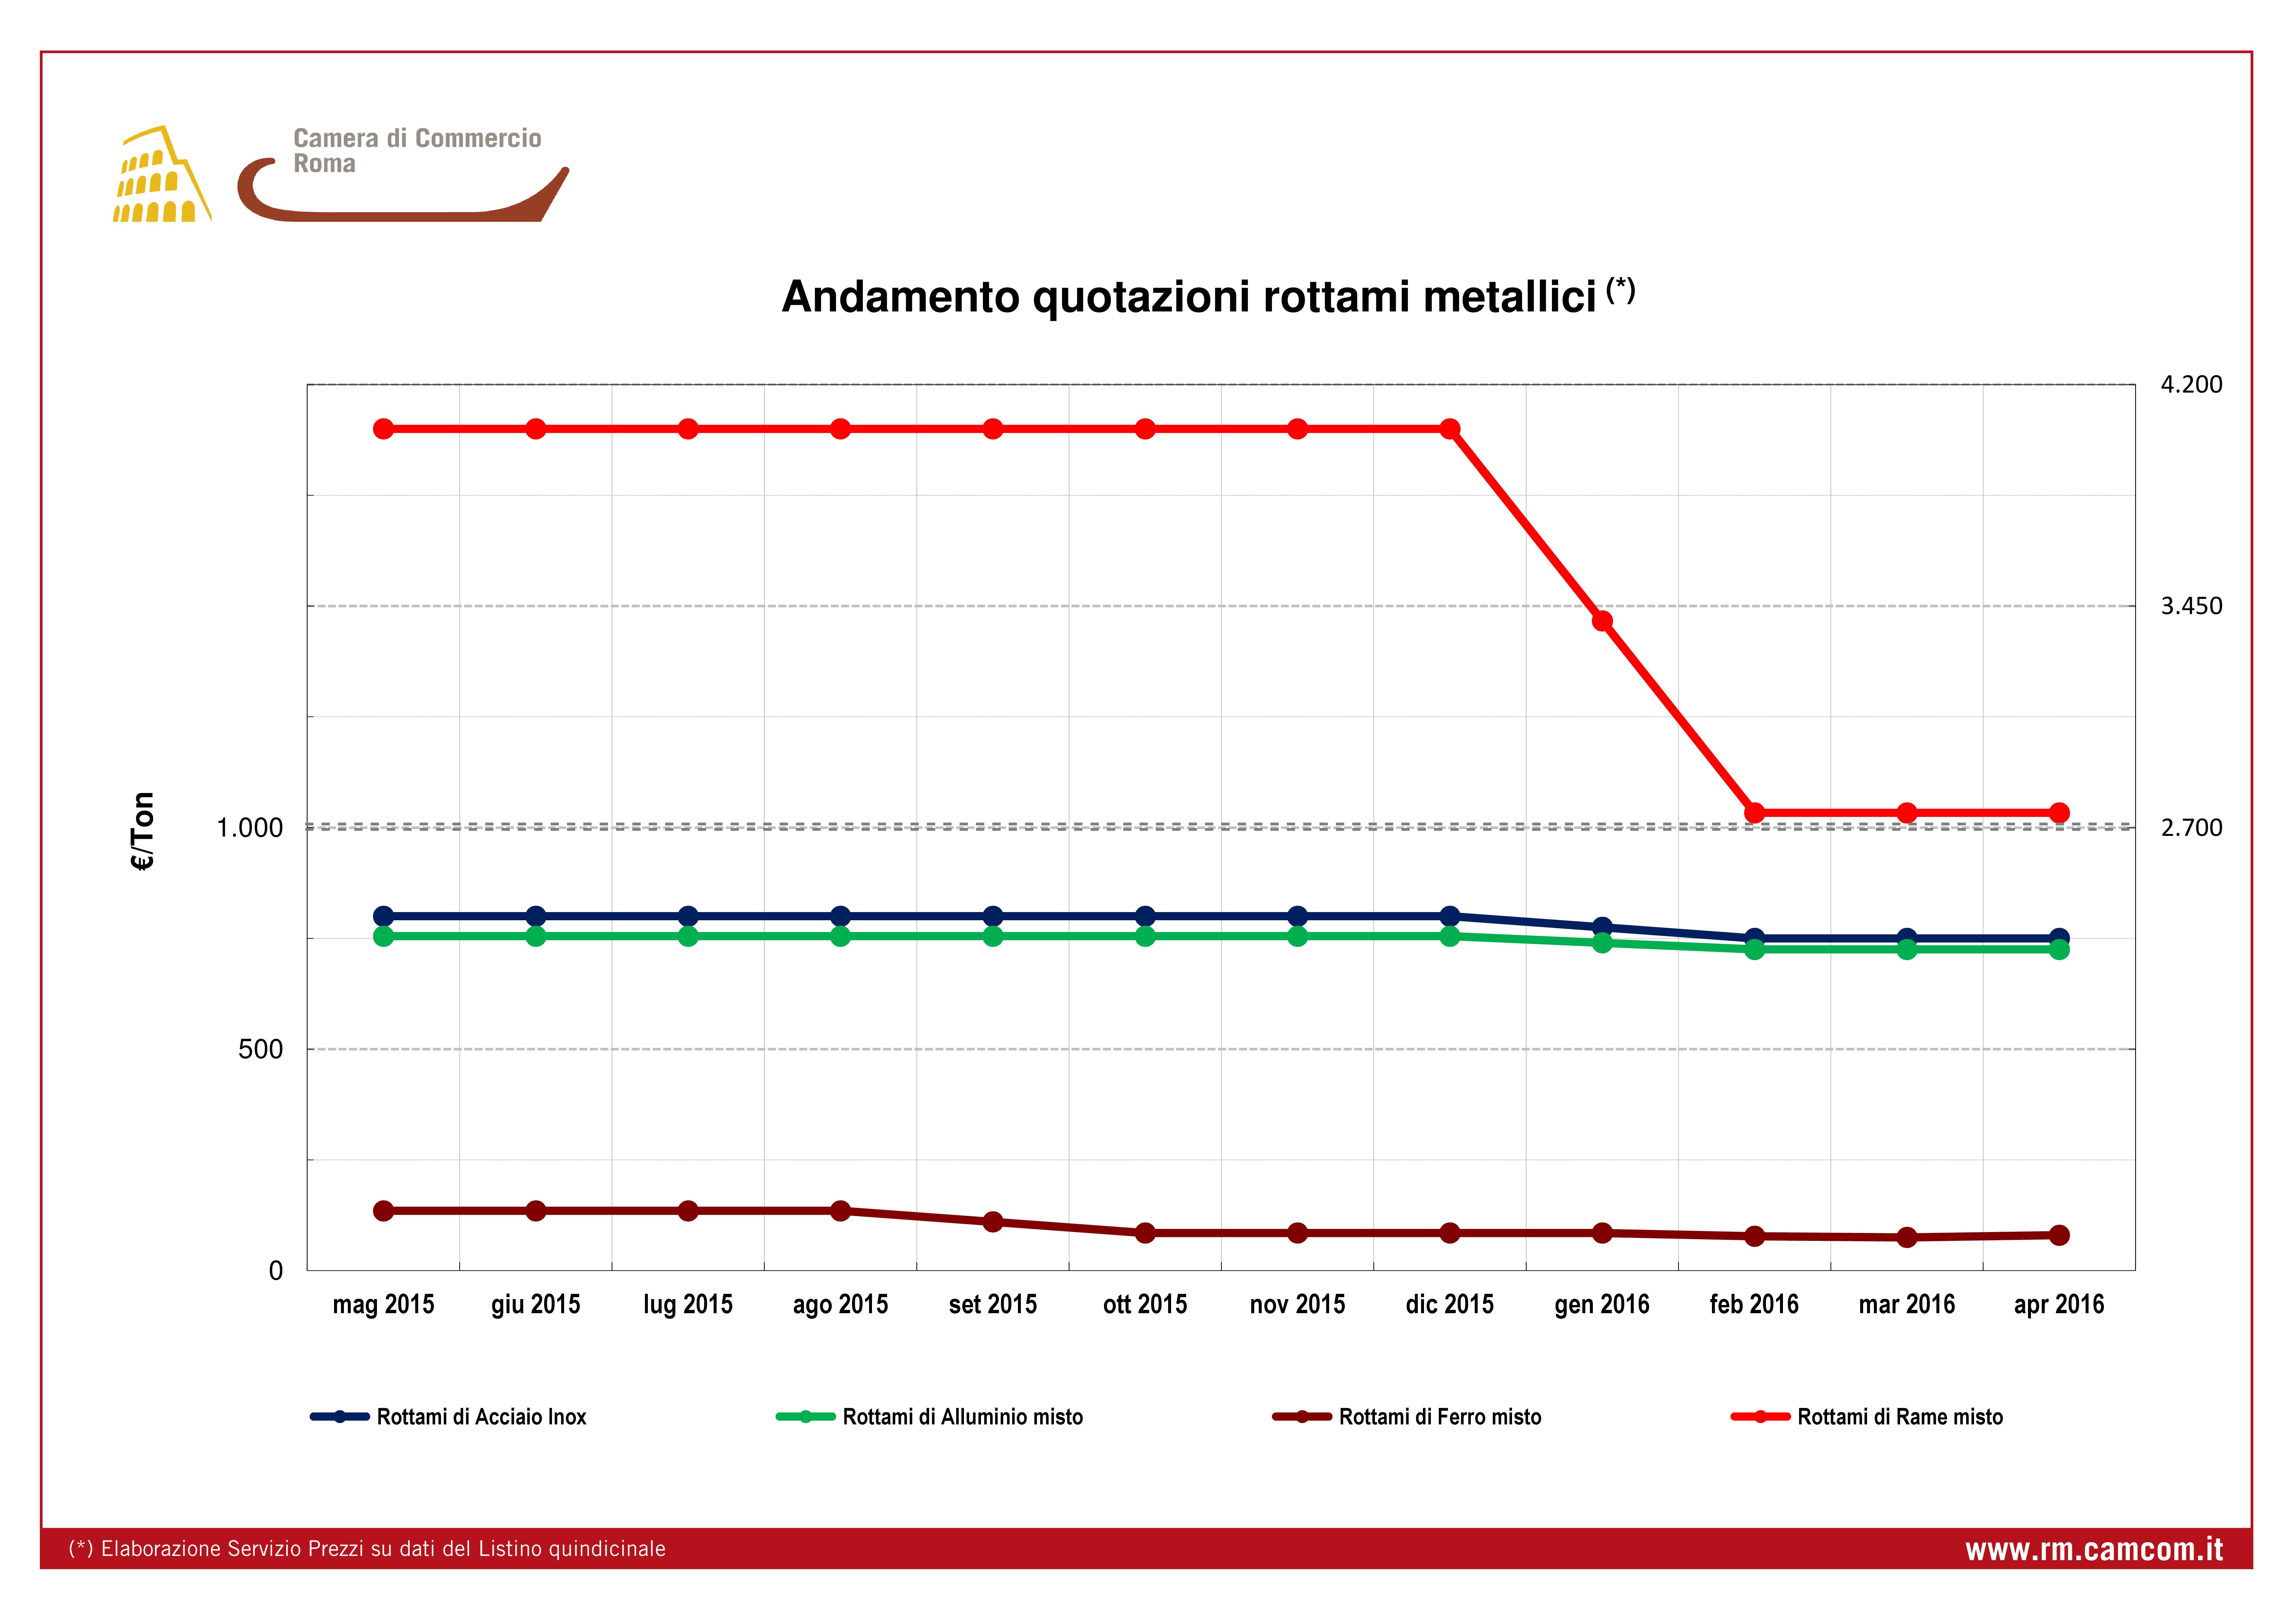 Quotazione andamento mensile prezzi rottami metallici da luglio 2014 a giugno 2015